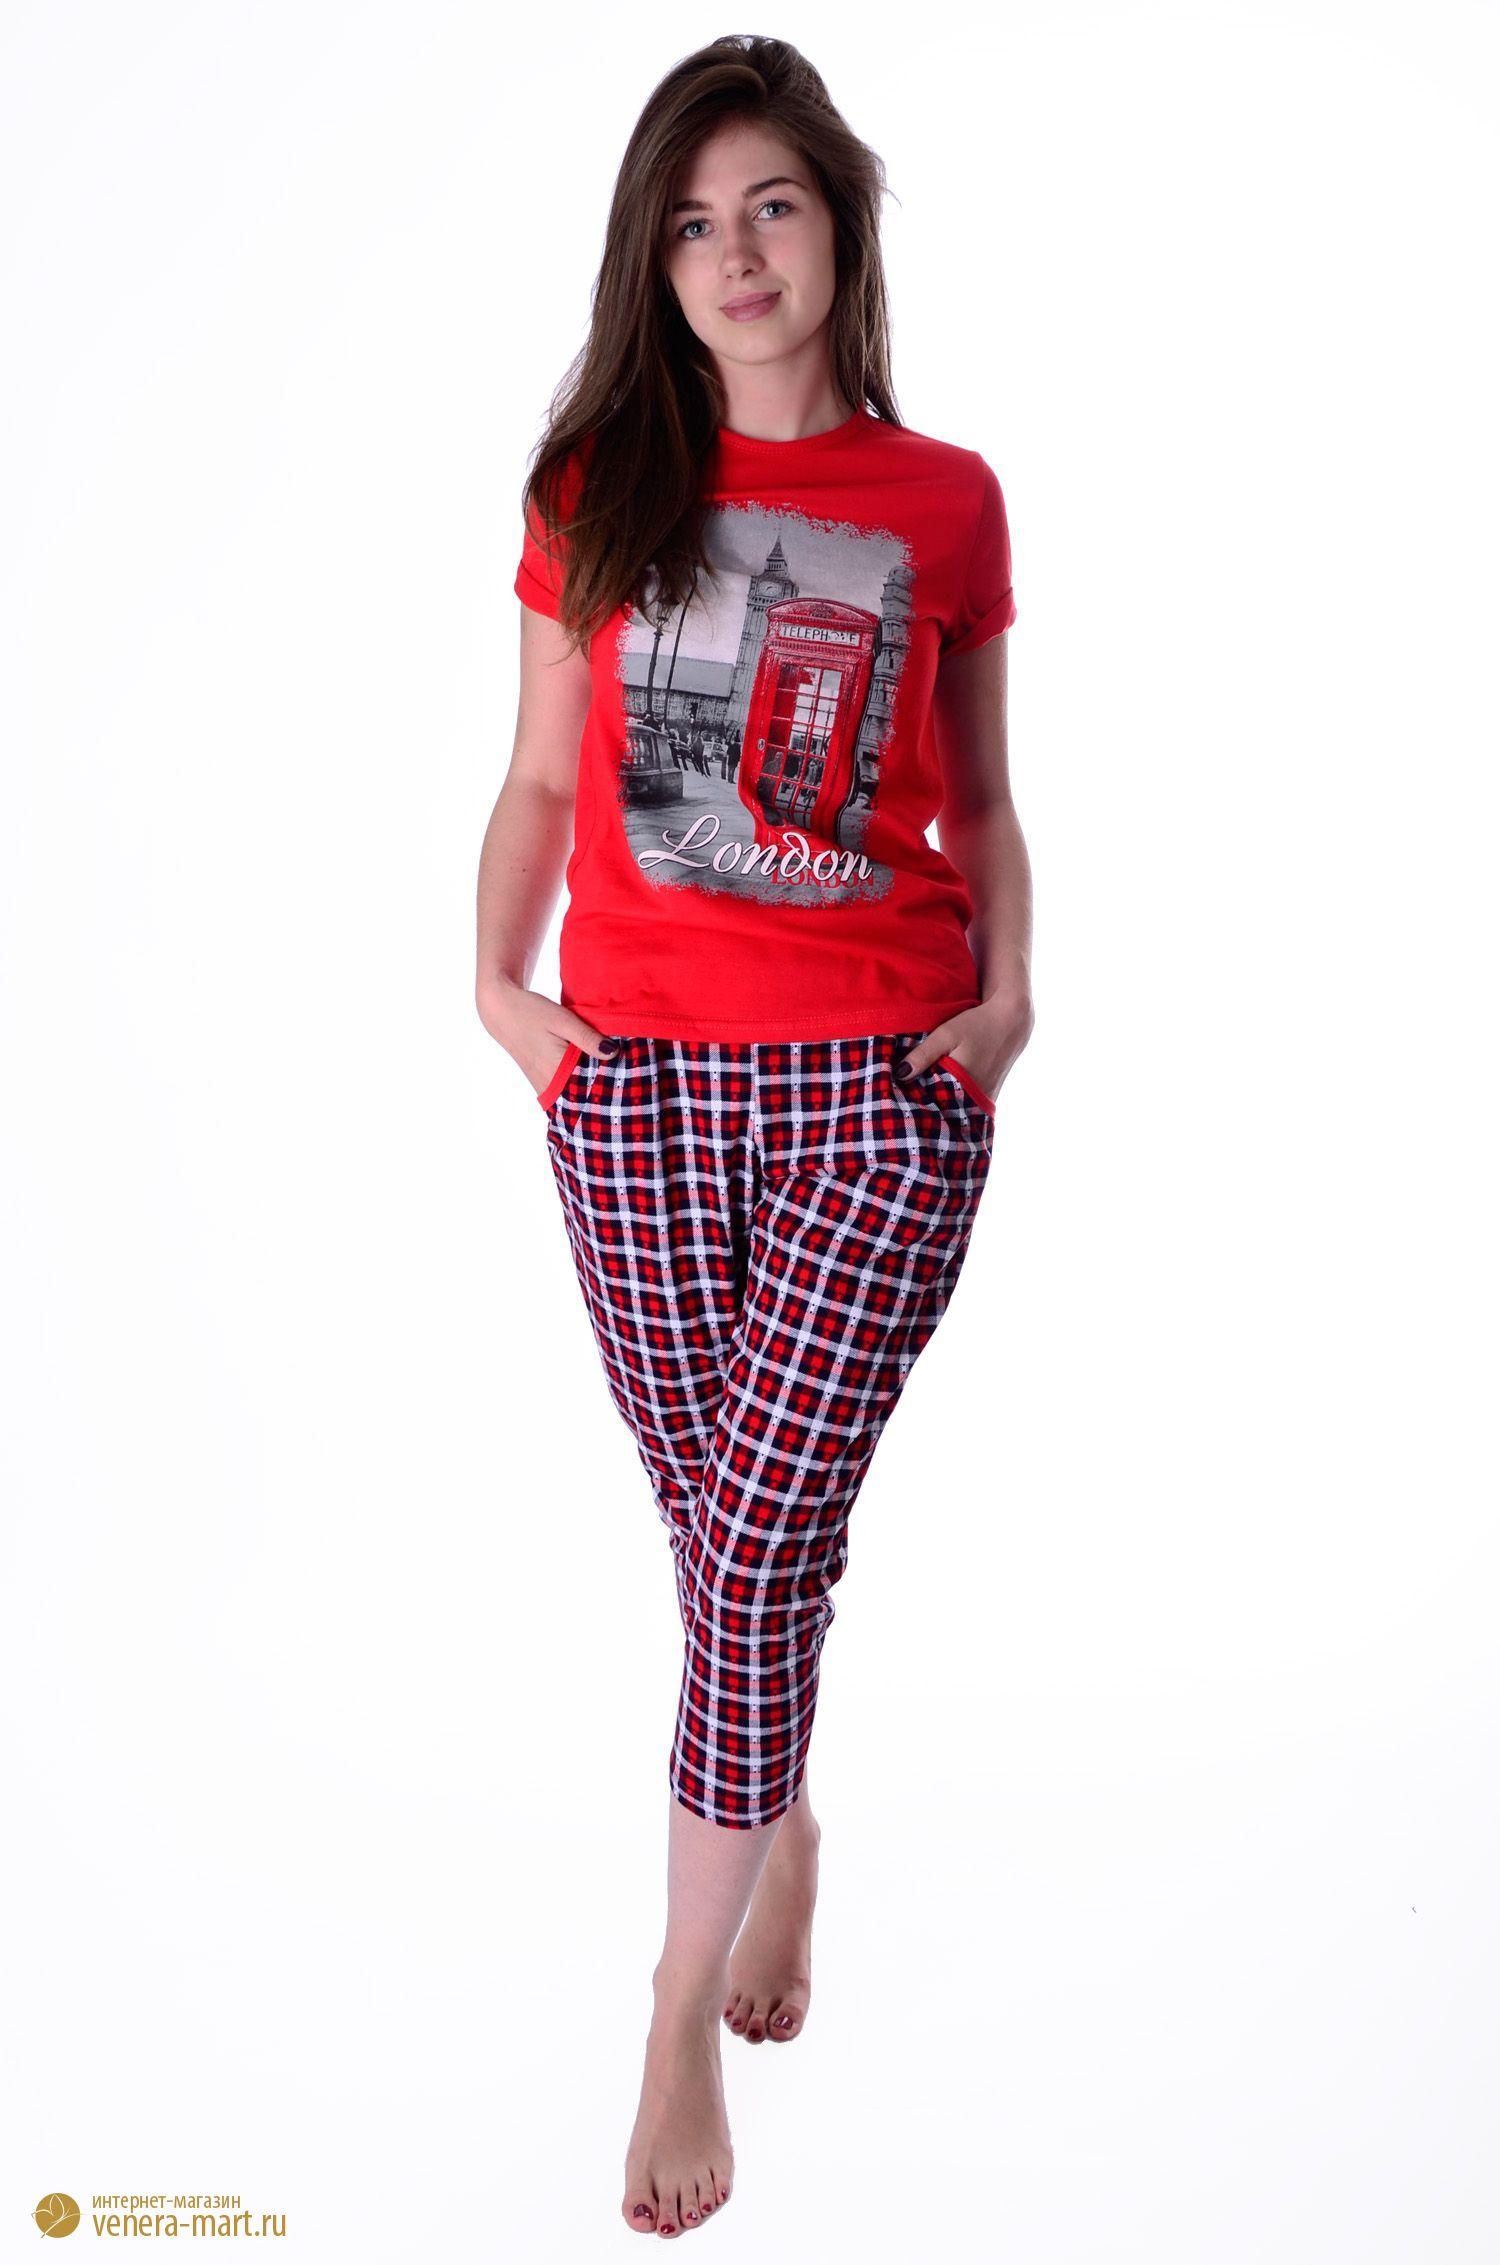 Костюм женский Лондон футболка и бриджиДомашняя одежда<br><br><br>Размер: 48